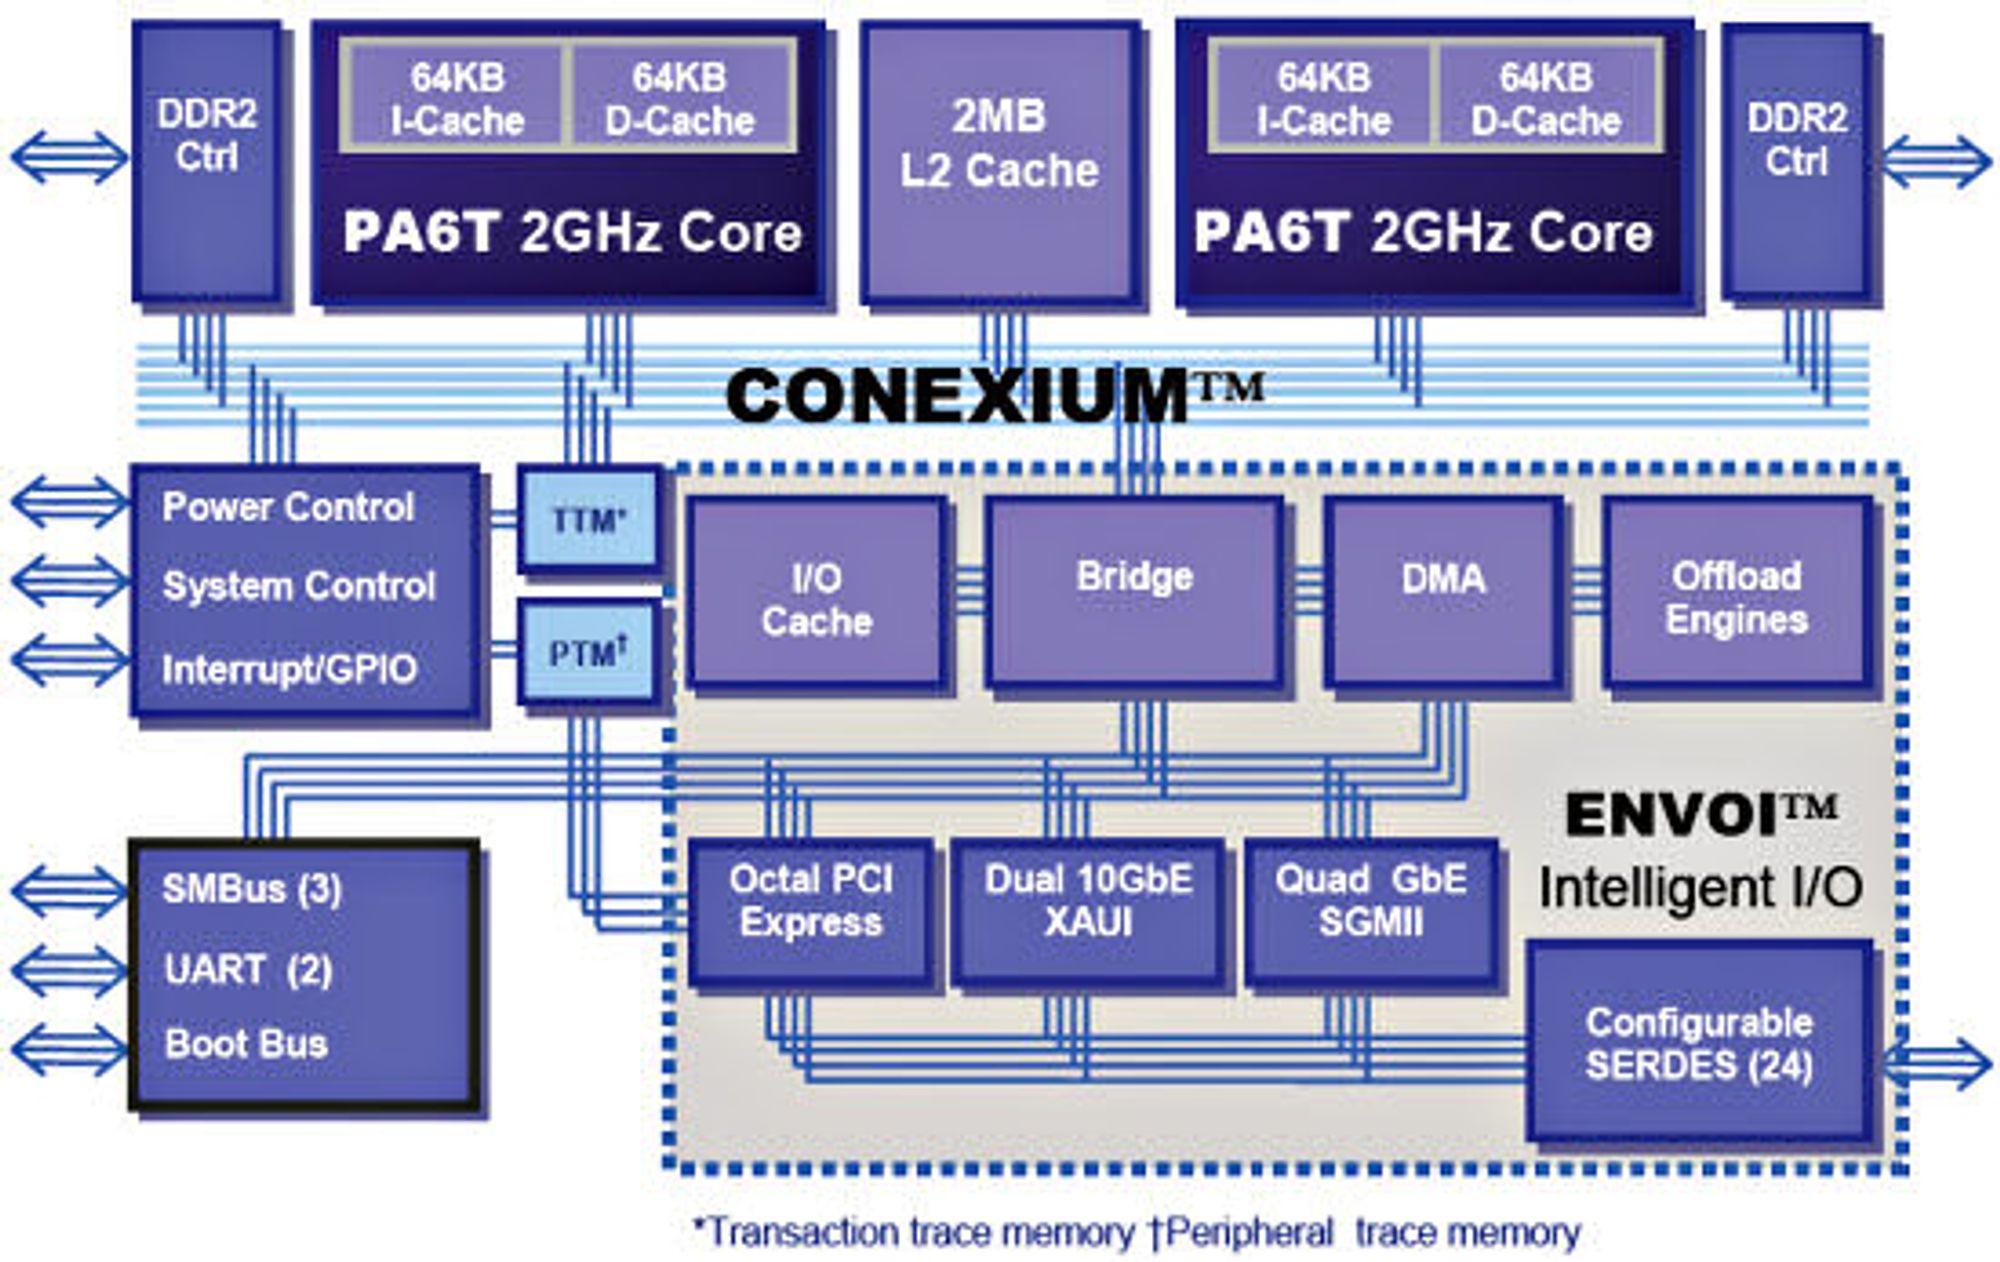 Skjematisk oversikt over PWRficient PA6T-1682M-prosessoren